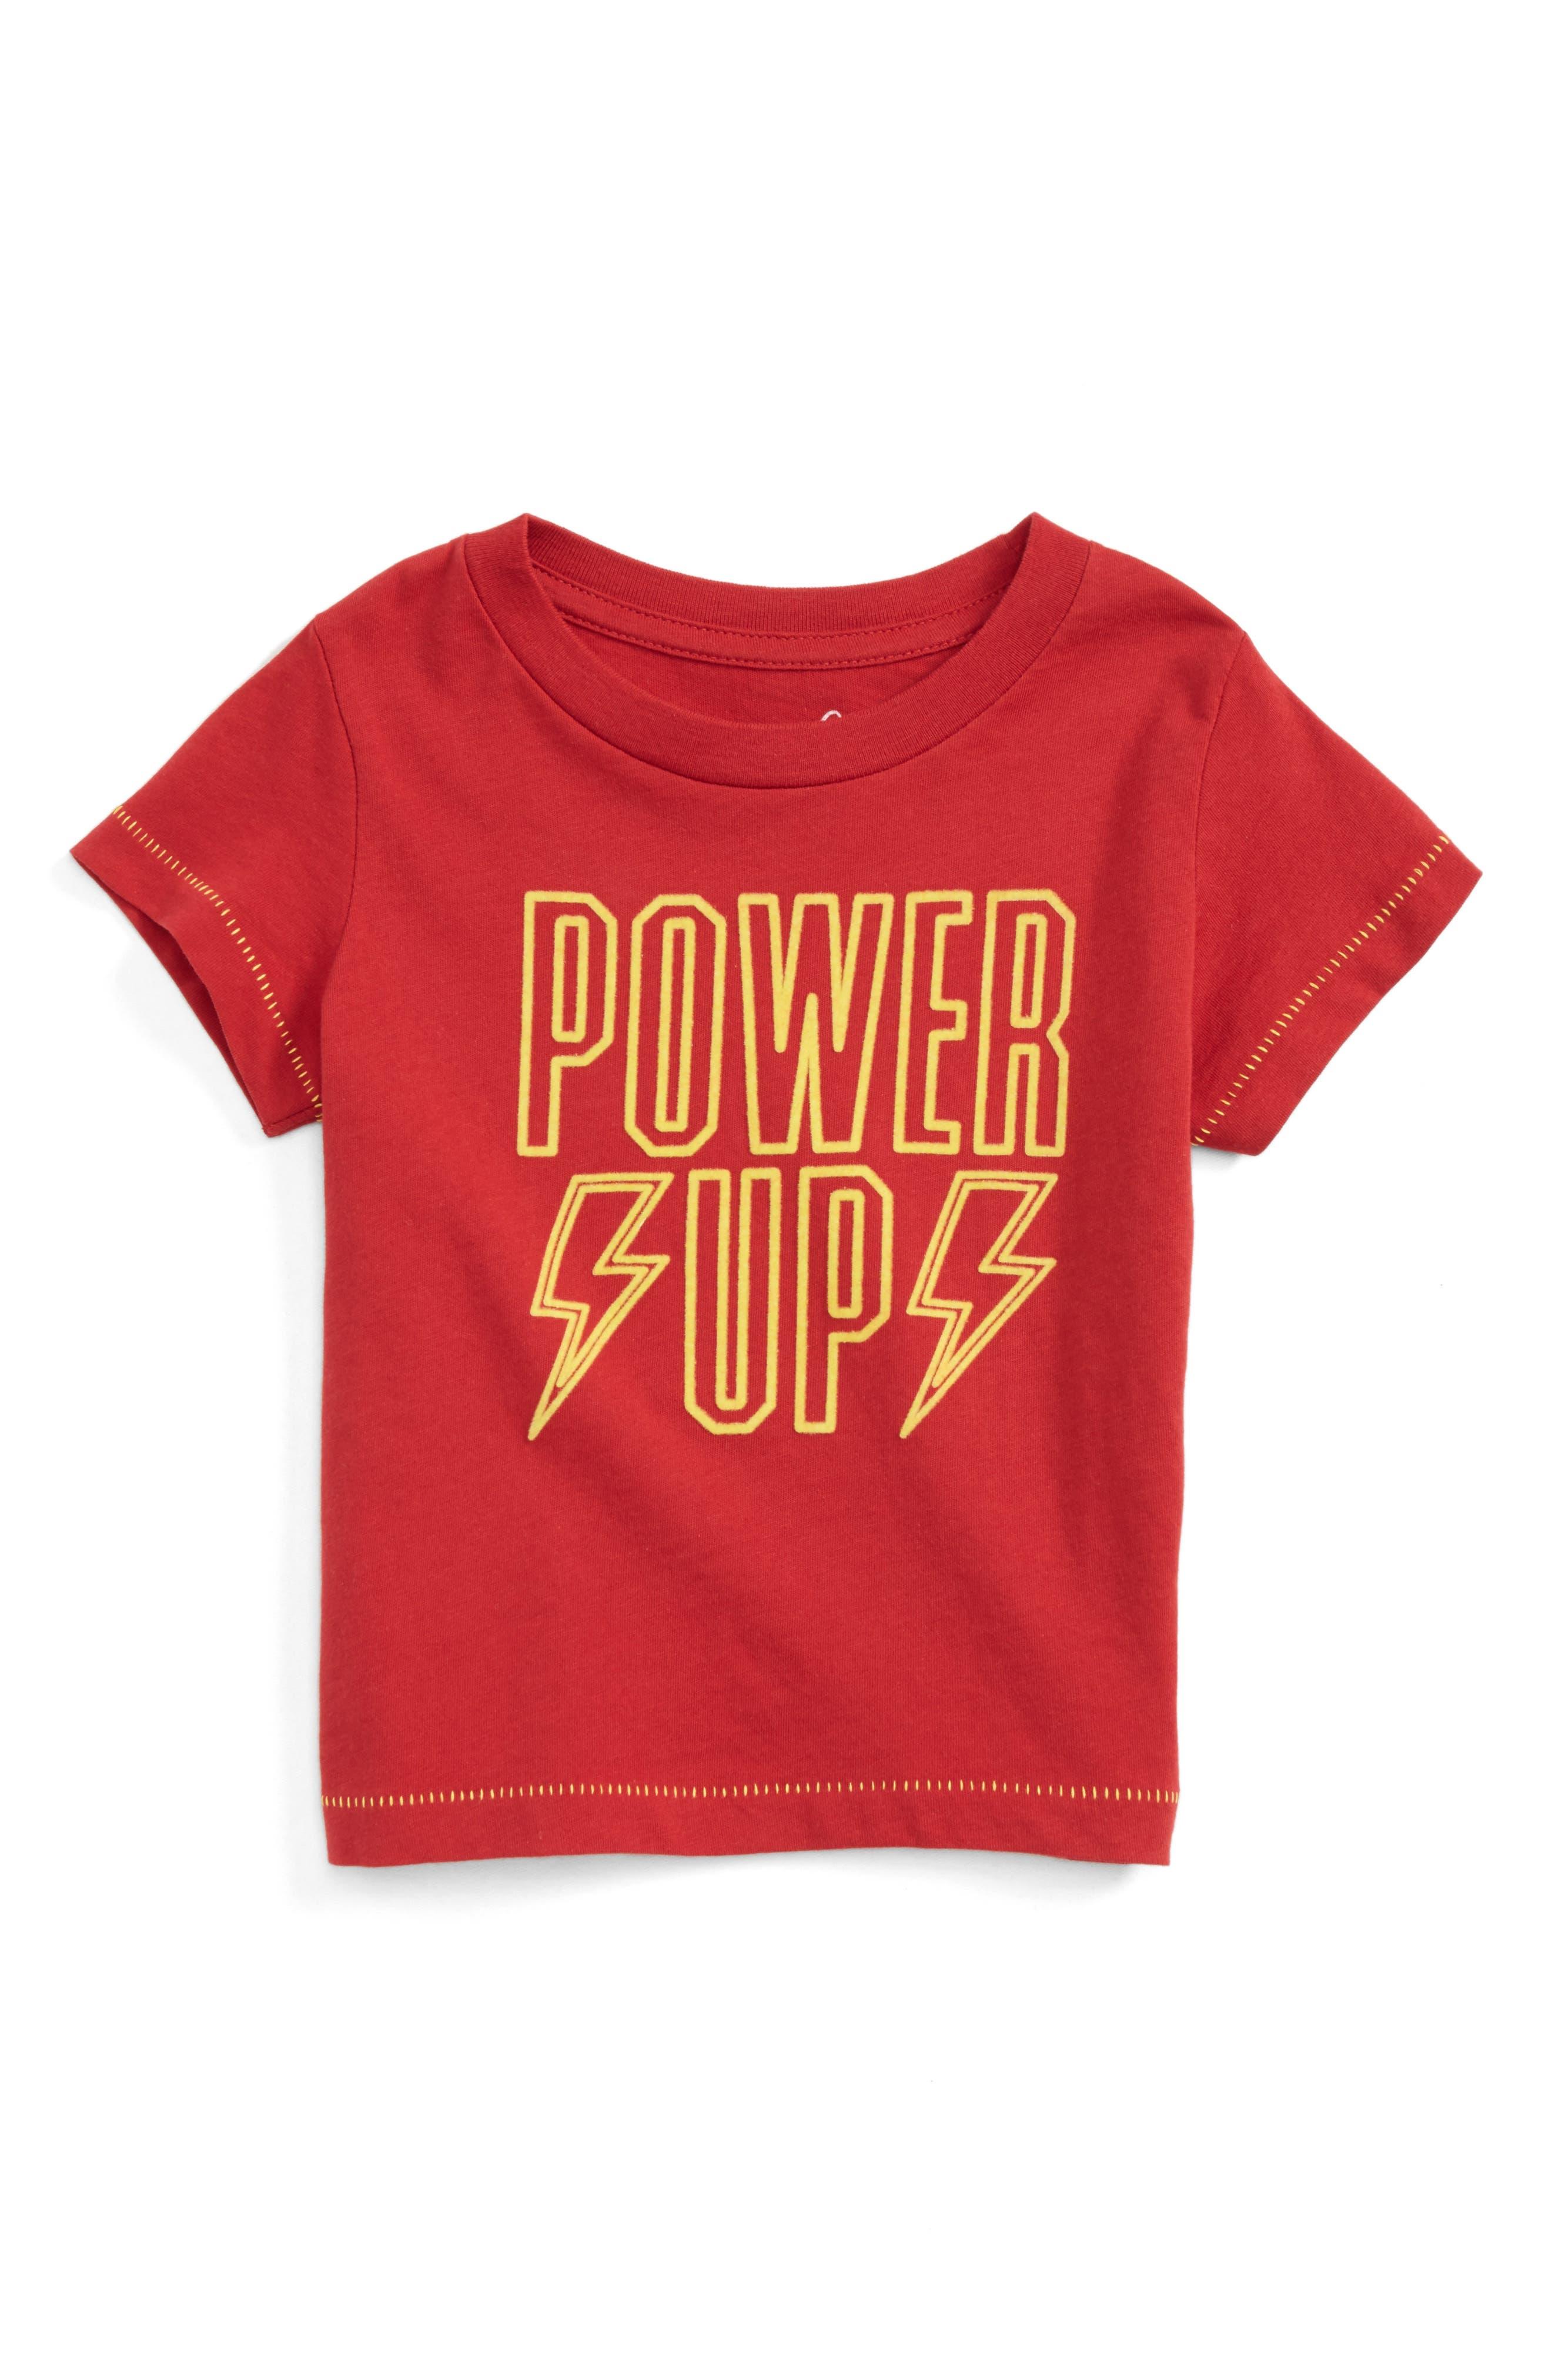 Power Up T-Shirt,                             Main thumbnail 1, color,                             600